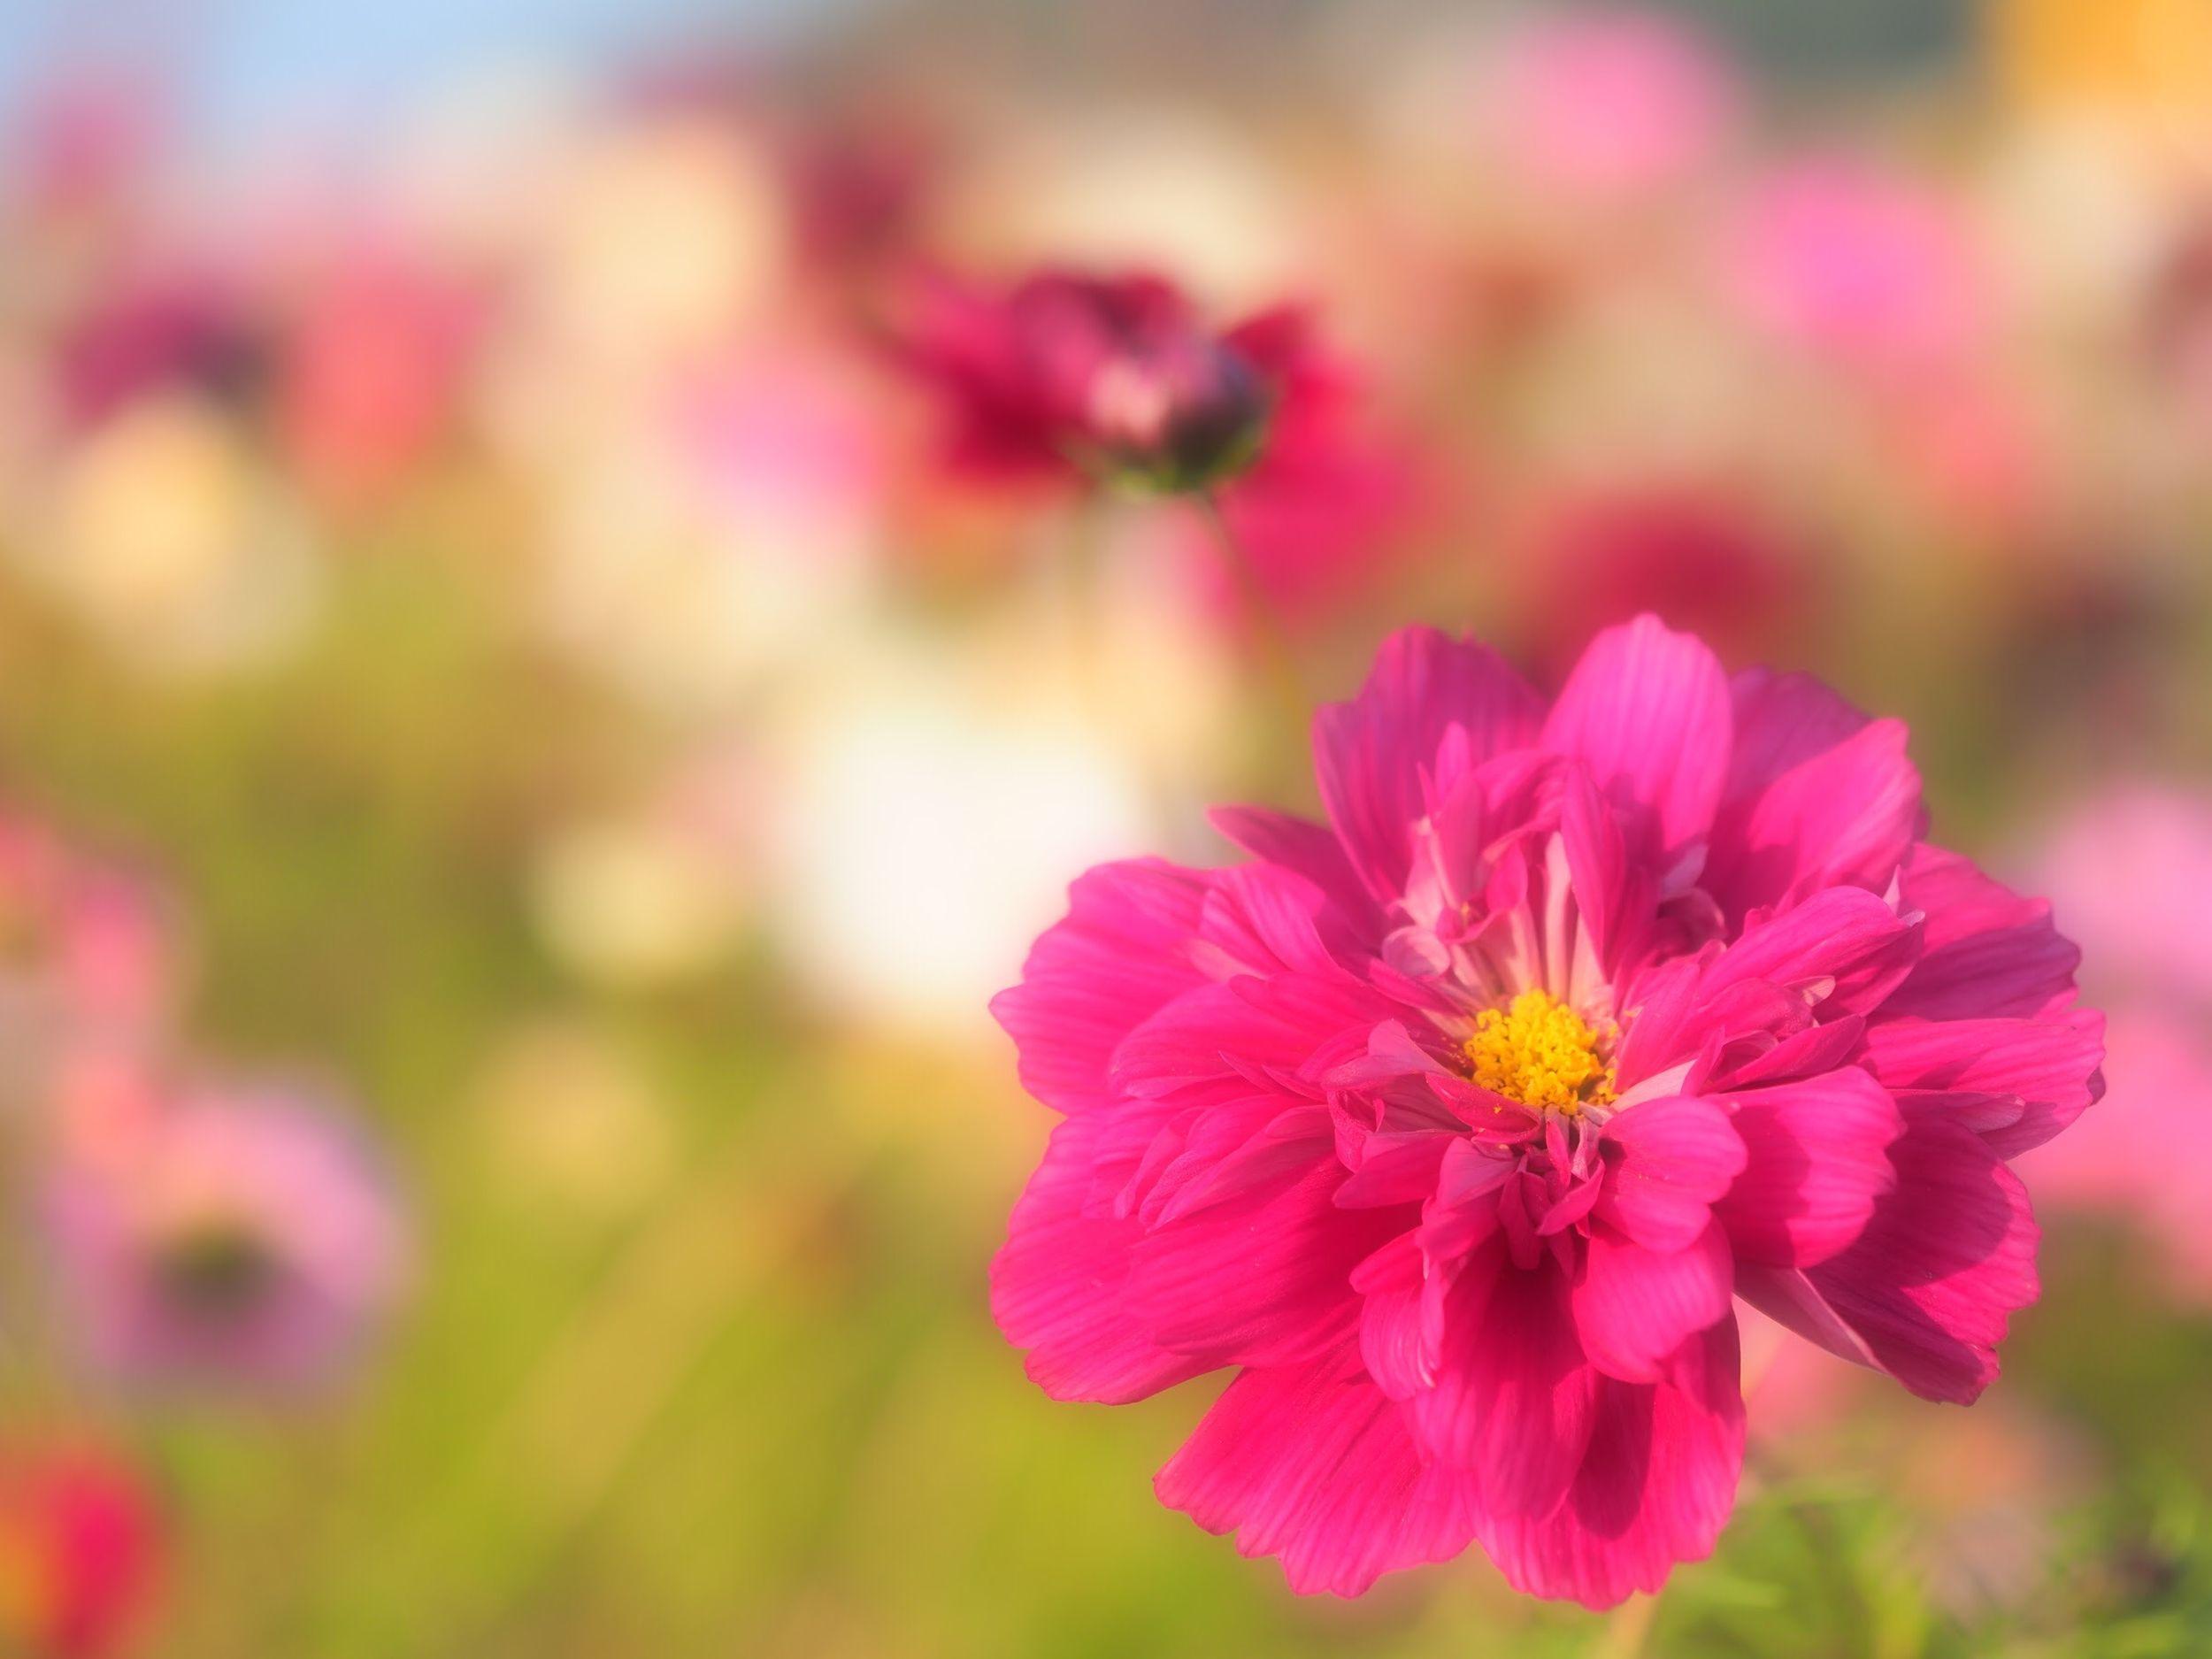 八重 コスモス Cosmos ダブルクリック Flower Collection EyeEm Flower Good Morning Taking Photos EyeEm Best Shots EyeEm Nature Lover